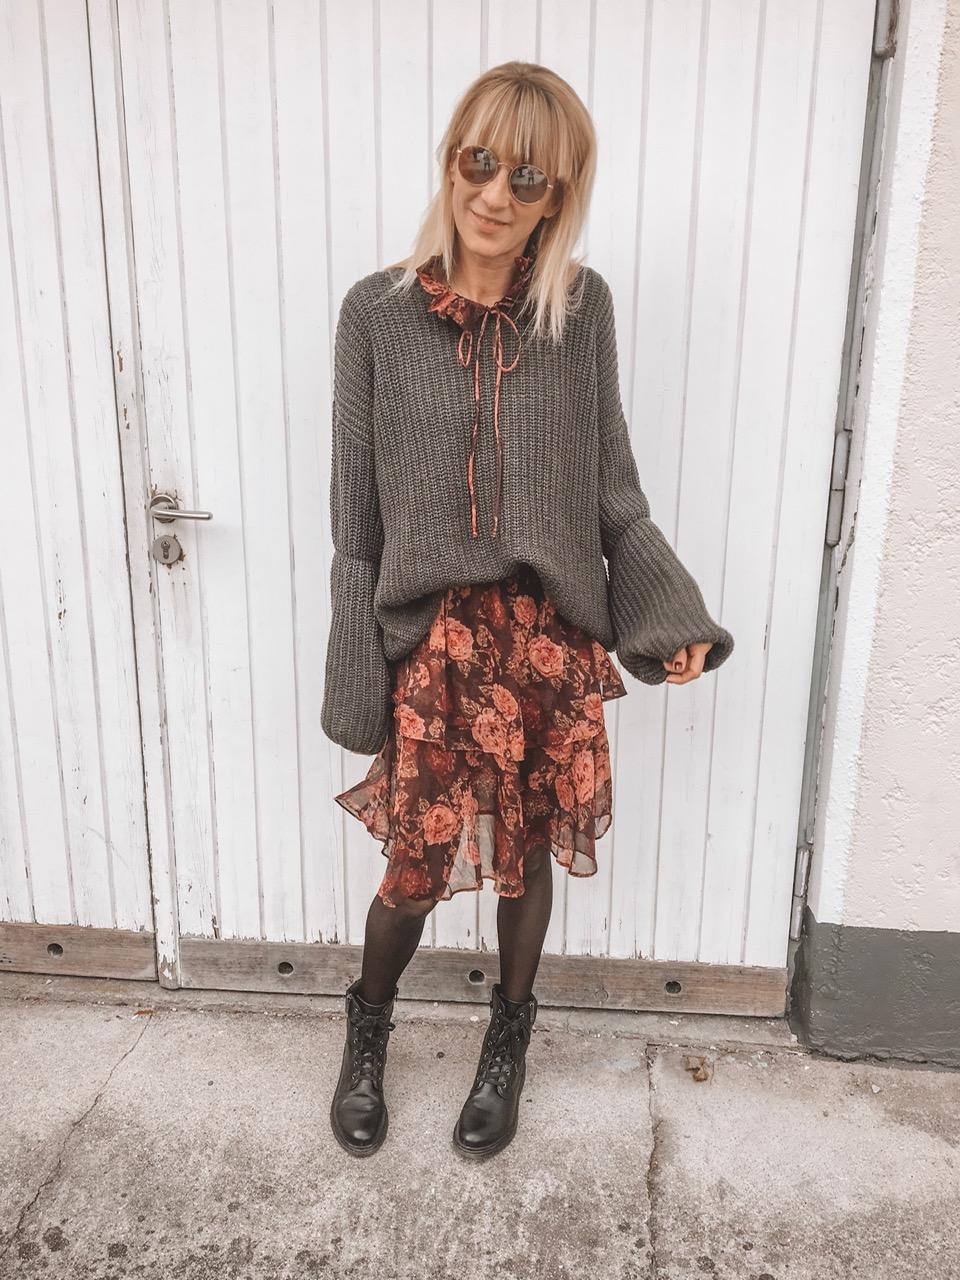 Mein Herbst-Highlight: florale Kleider in Herbstfarben